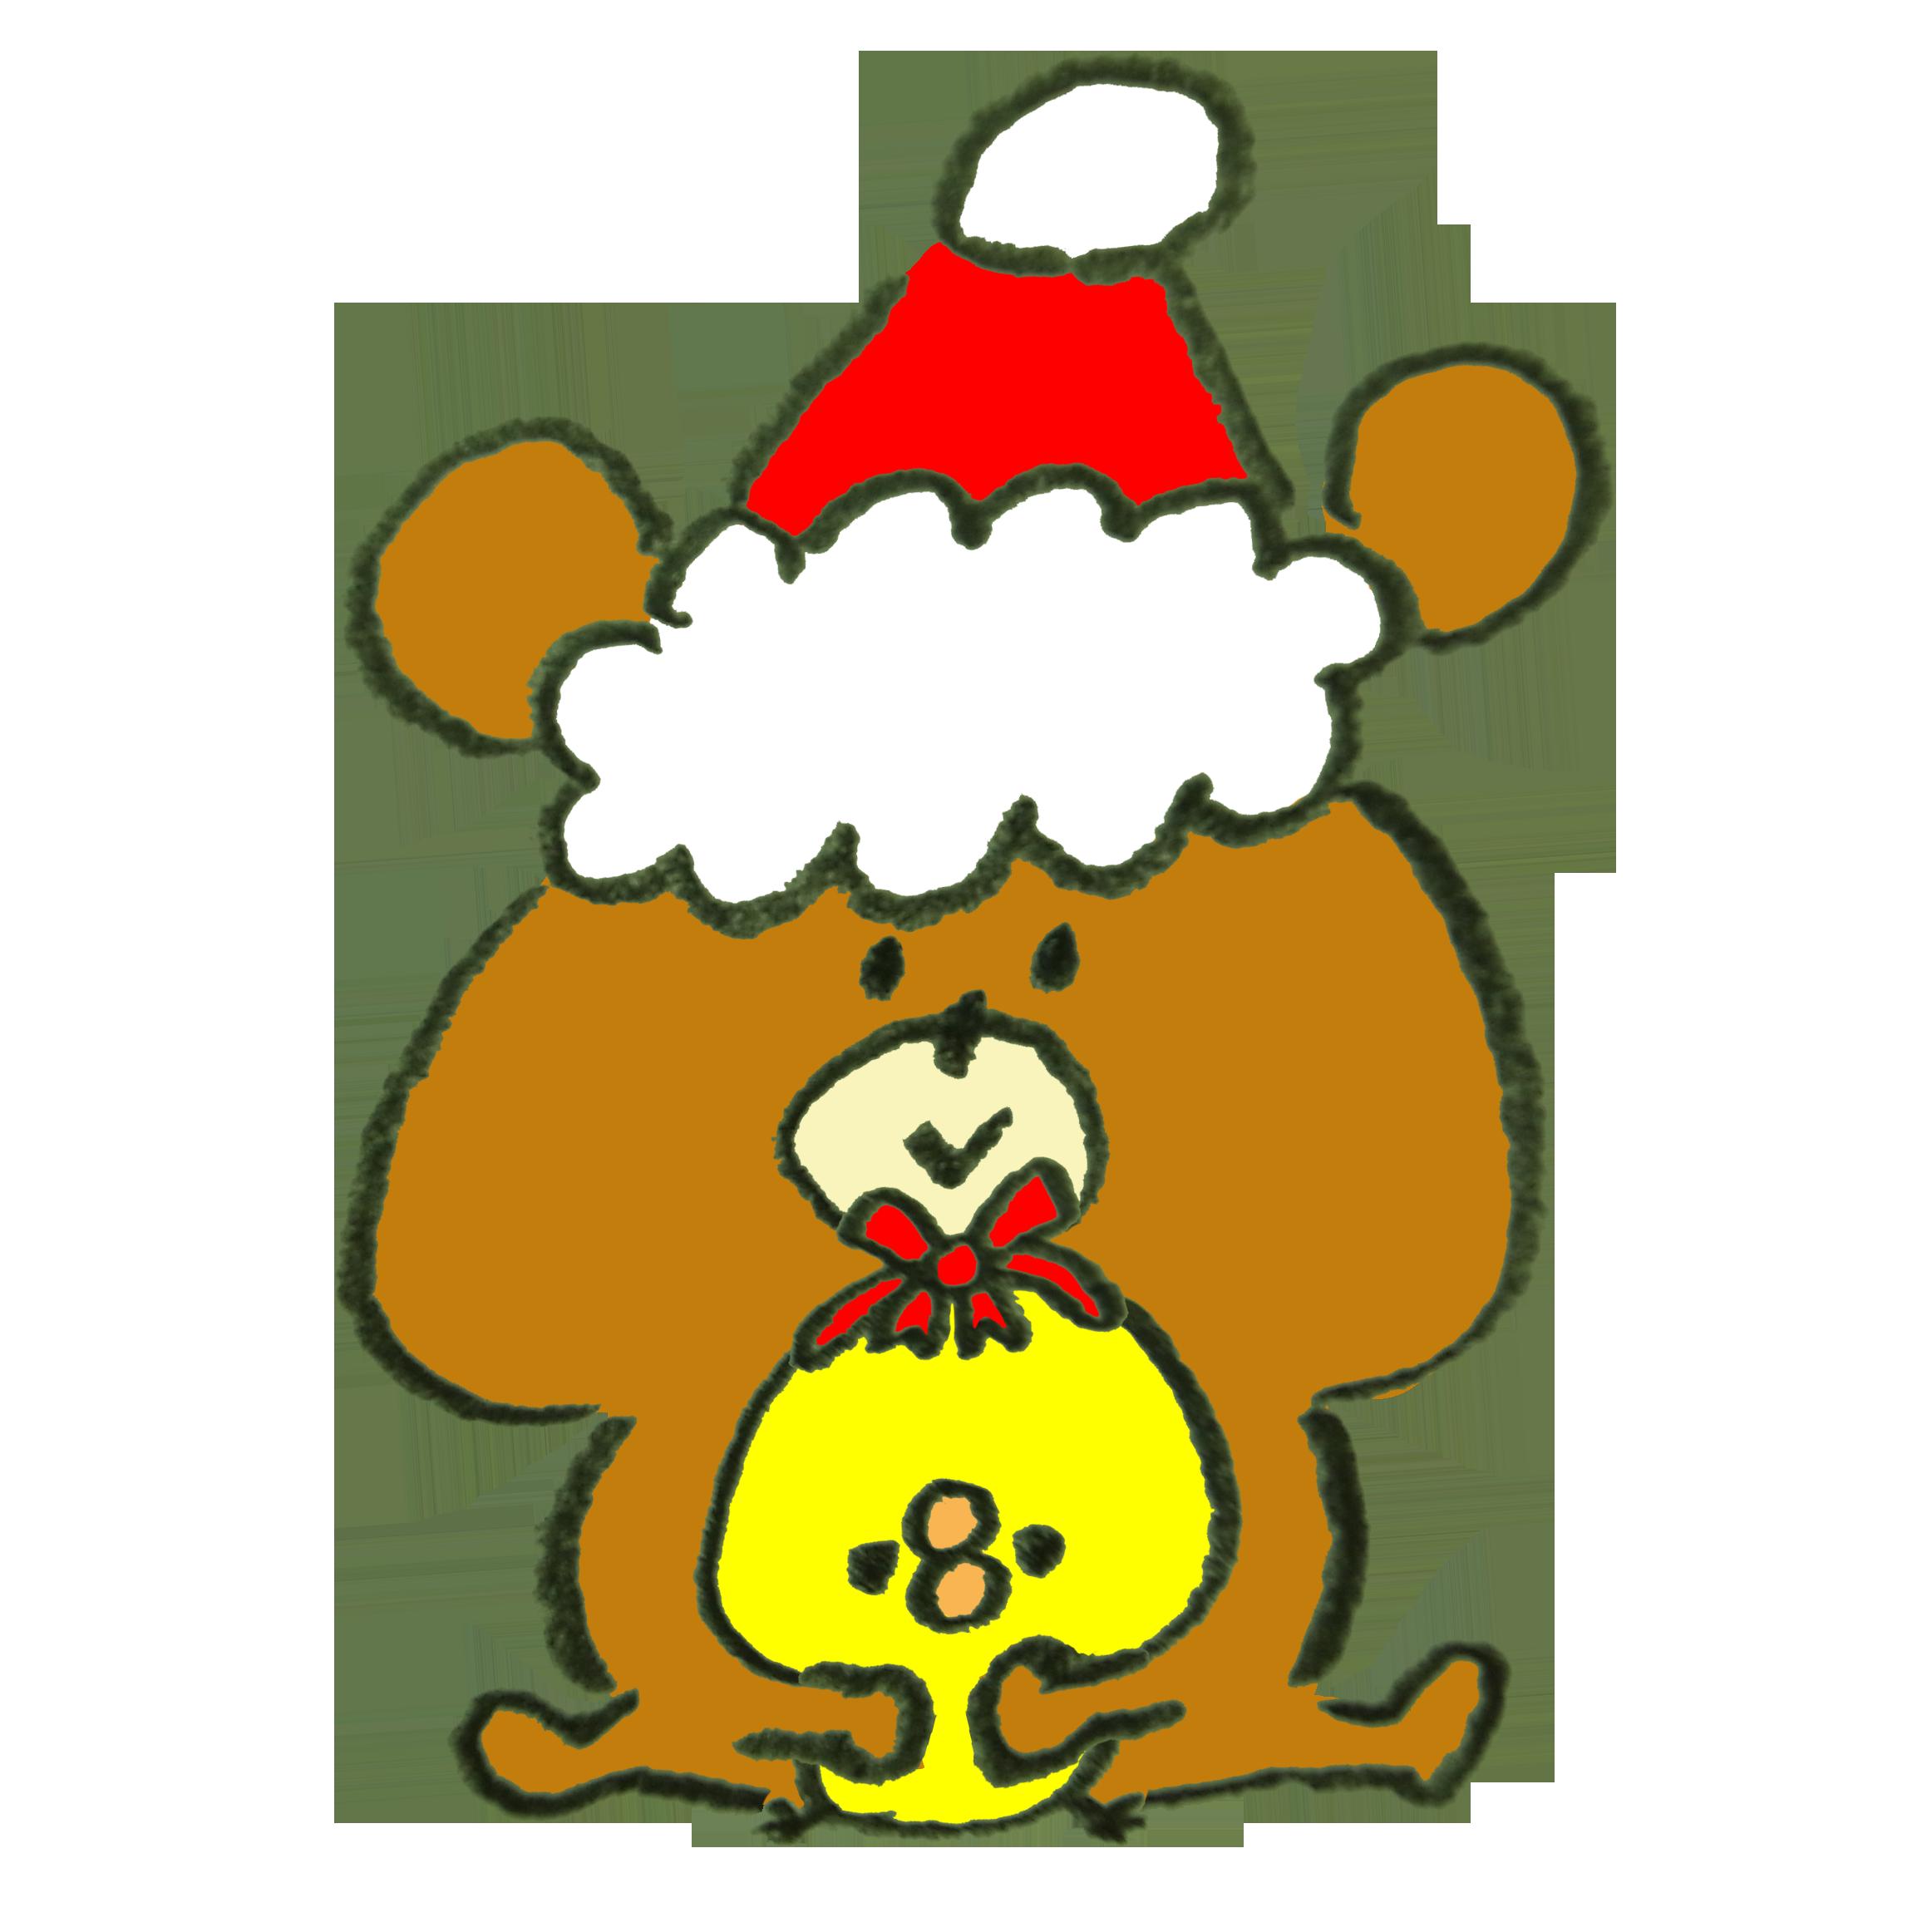 クリスマスプレゼントにひよこをセレクションした熊のイラスト | ゆるく